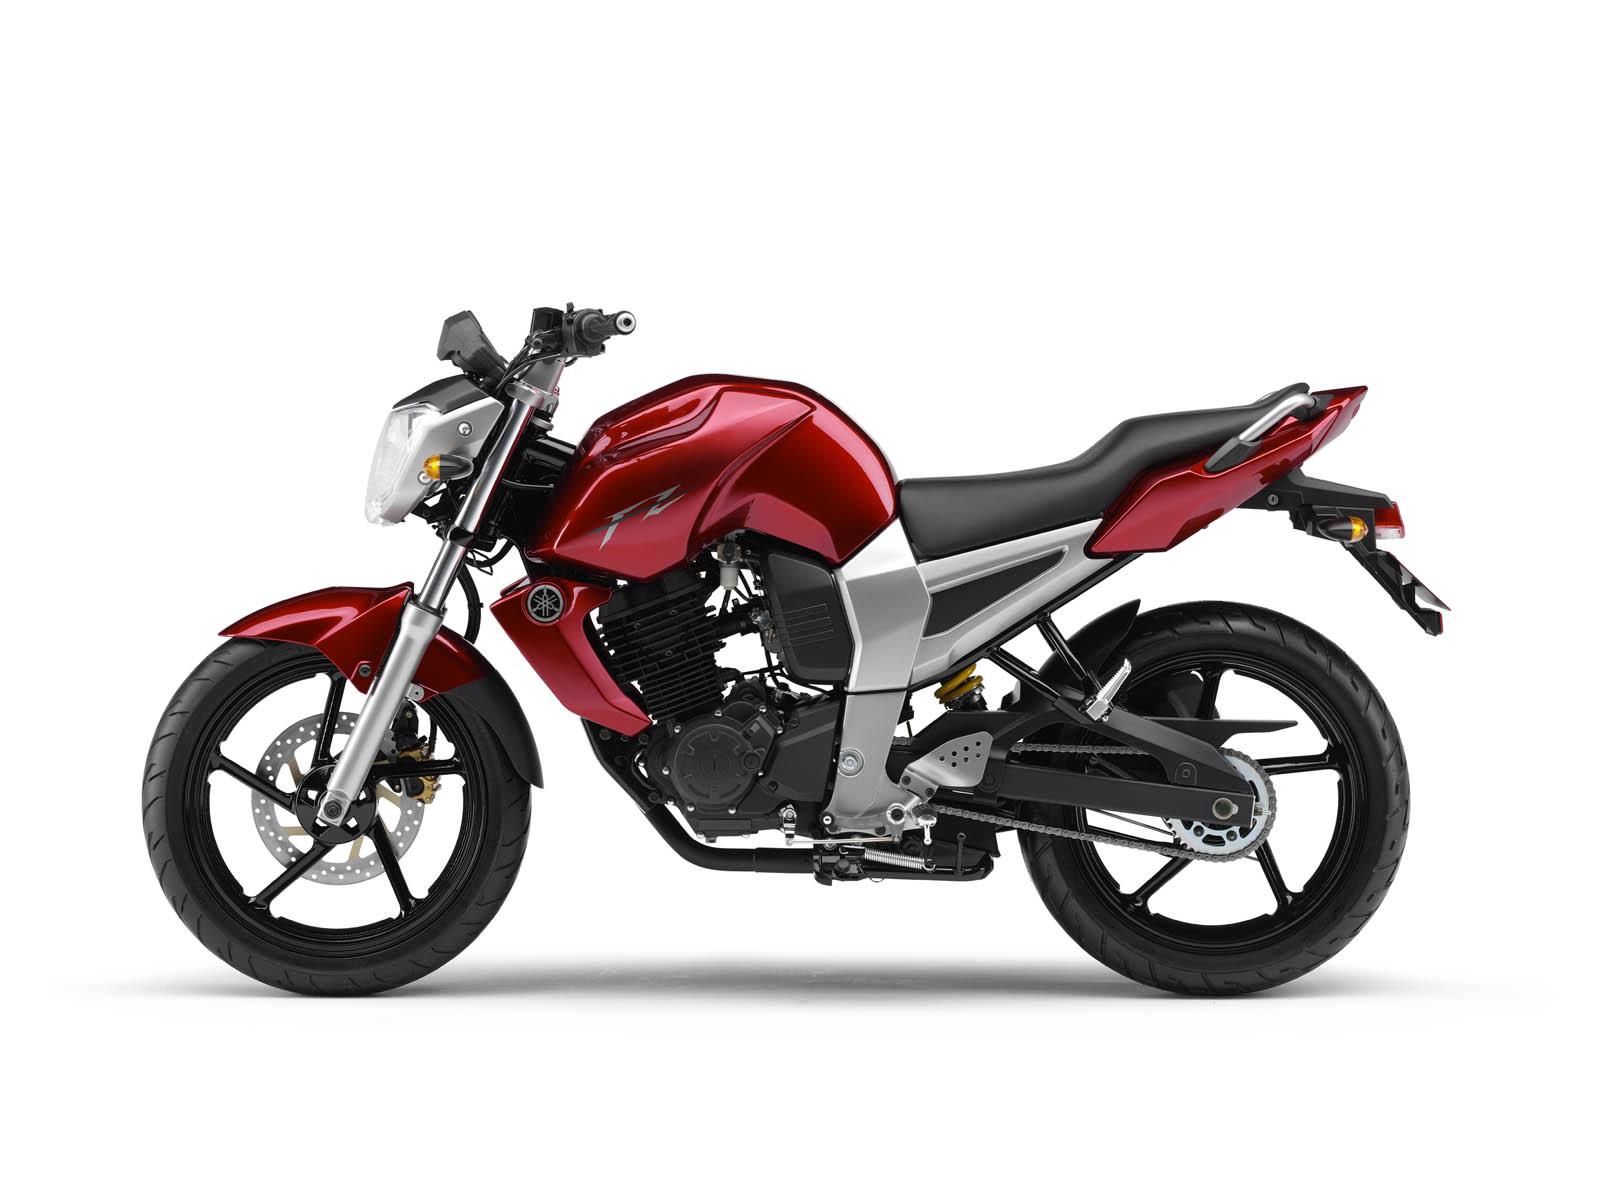 Fz Yamaha